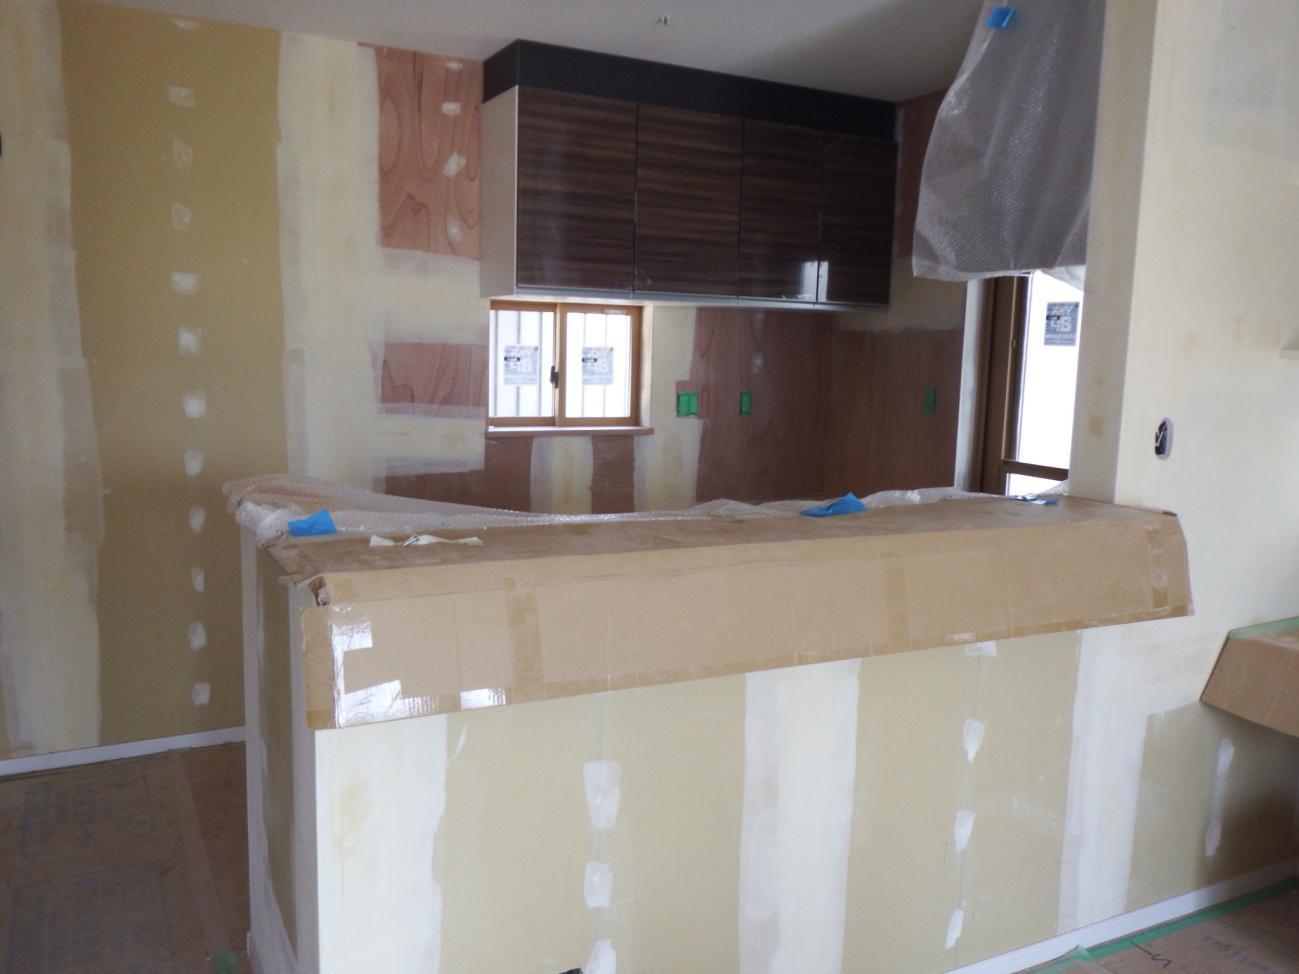 注文住宅のキッチン収納アイデア